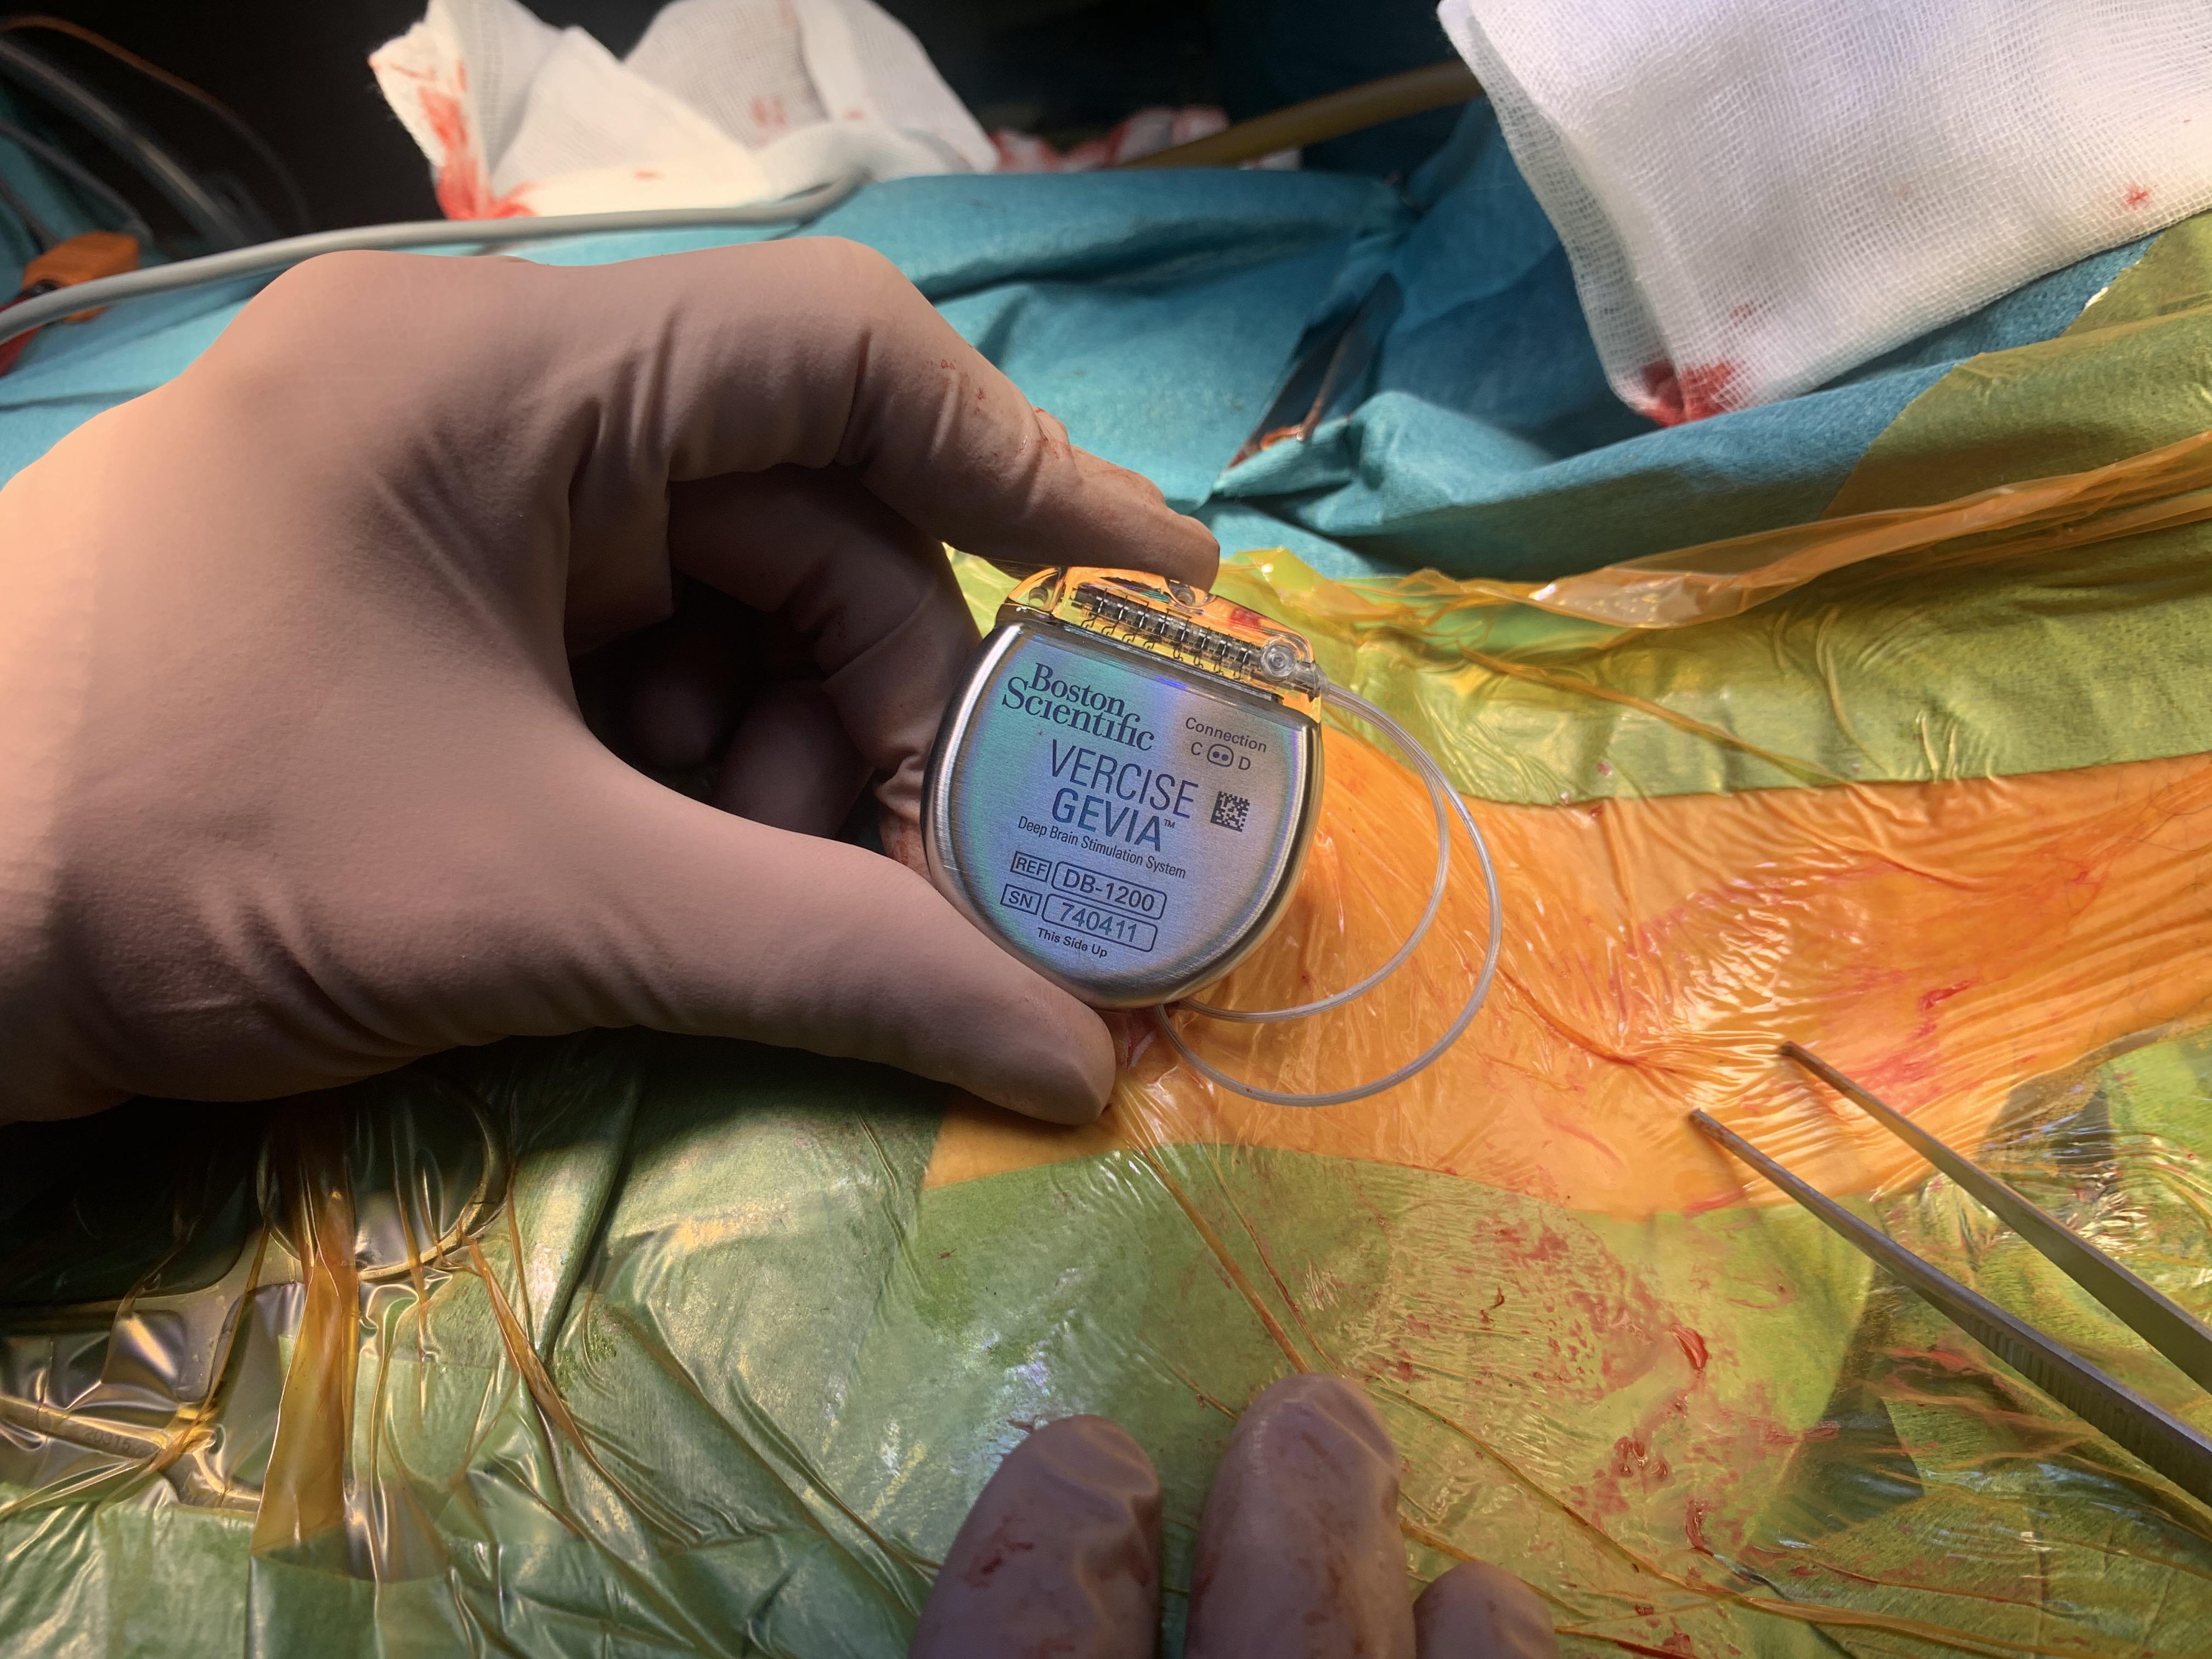 Stimulatoren indopereres i patientens bryst. Den kan genoplader gennem huden og kan holde 25 år.